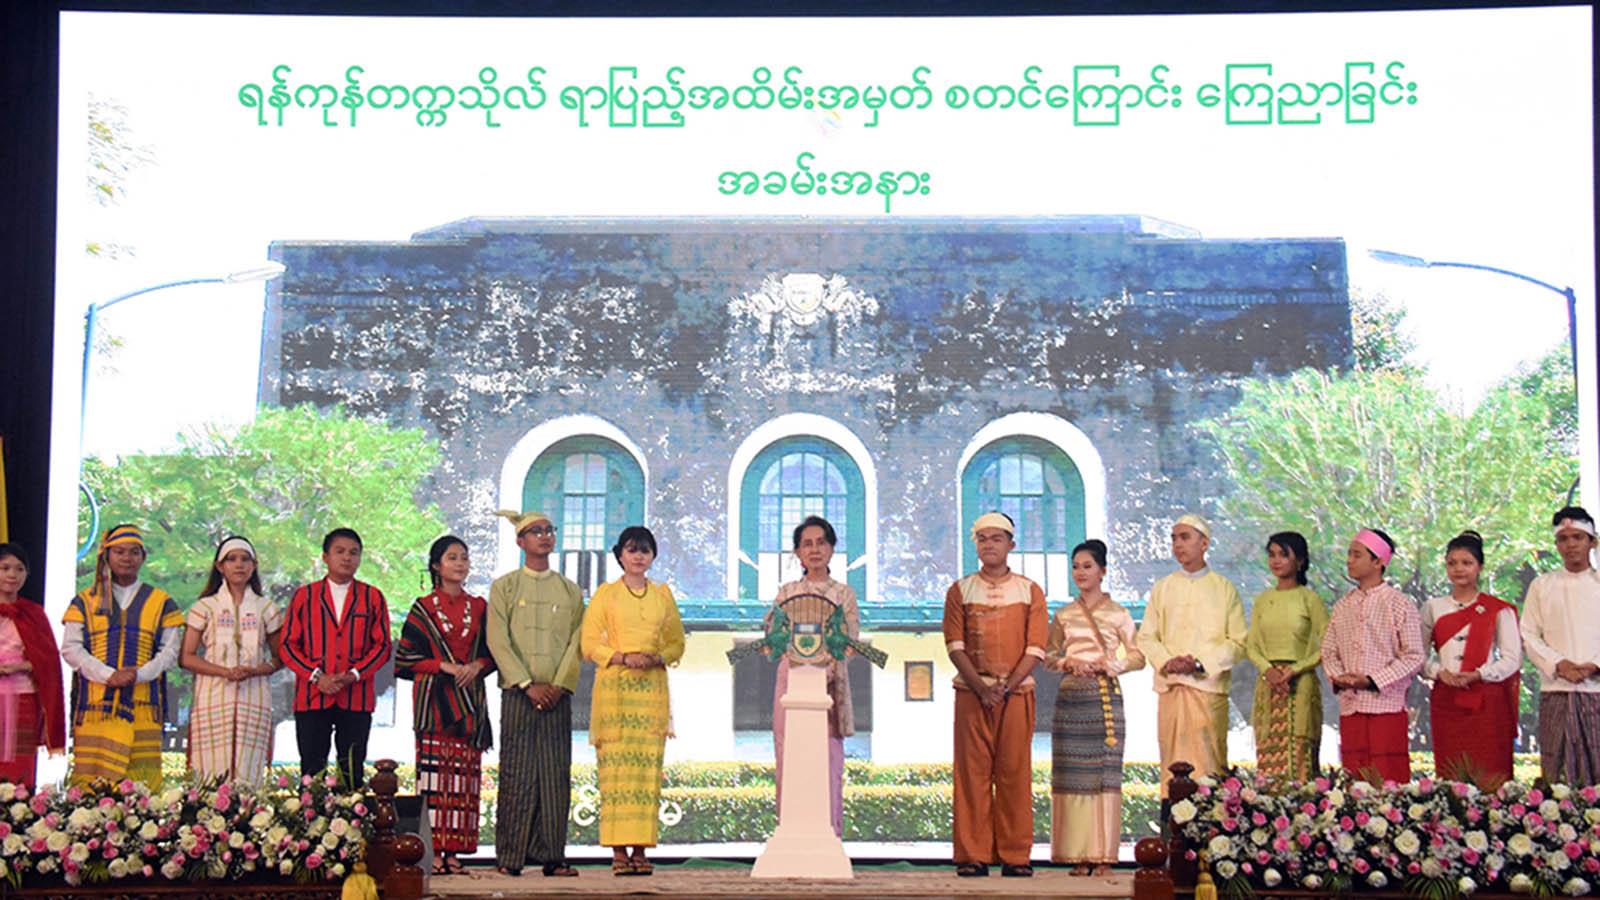 State Counsellor Daw Aung San Suu Kyi opens the University of Yangon's centennial celebration at the convocation hall of the university yesterday.Photo: MNA